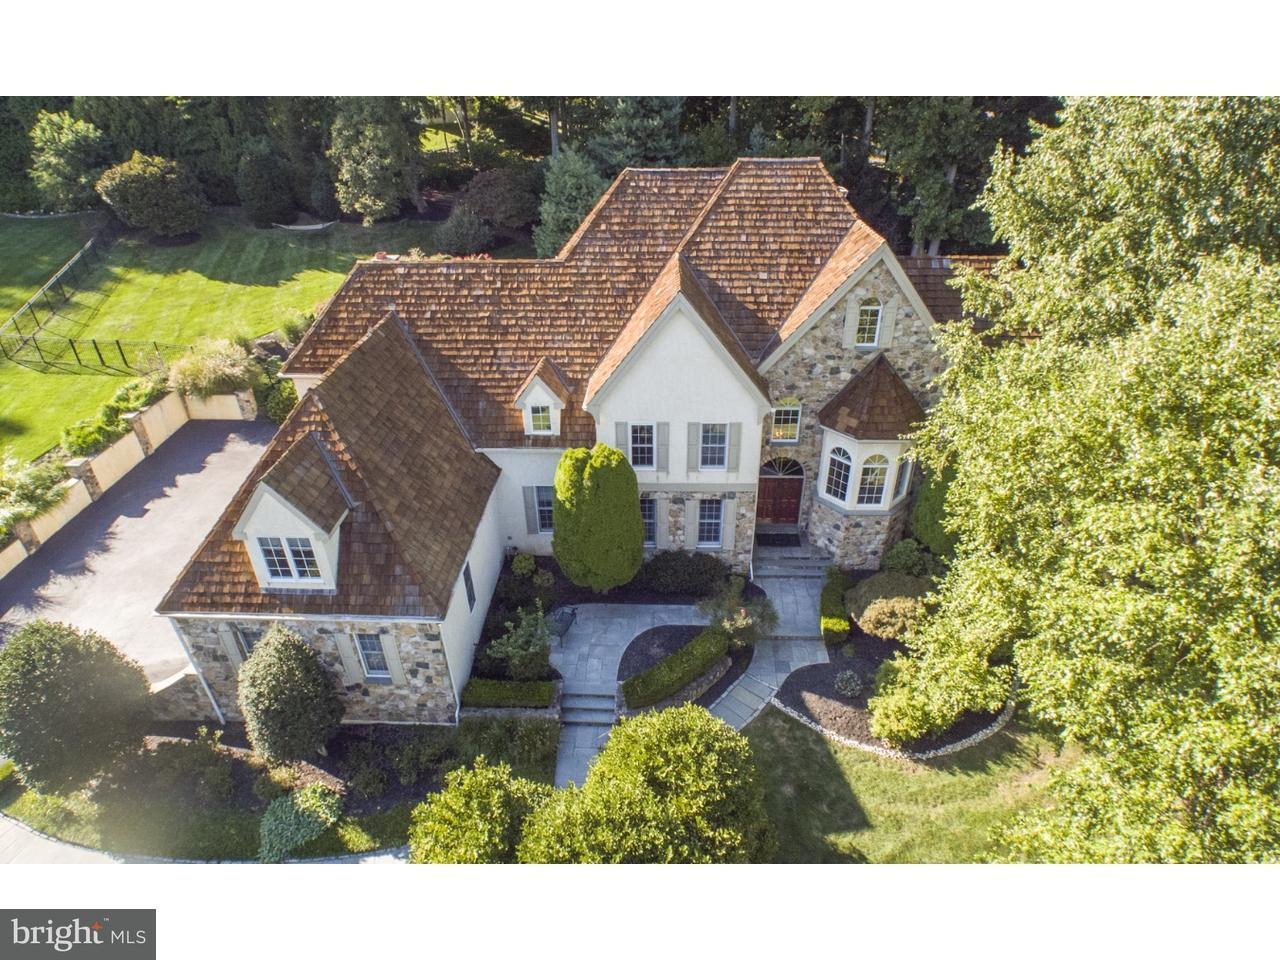 Частный односемейный дом для того Продажа на 90 INDIAN SPRING Road Media, Пенсильвания 19063 Соединенные Штаты